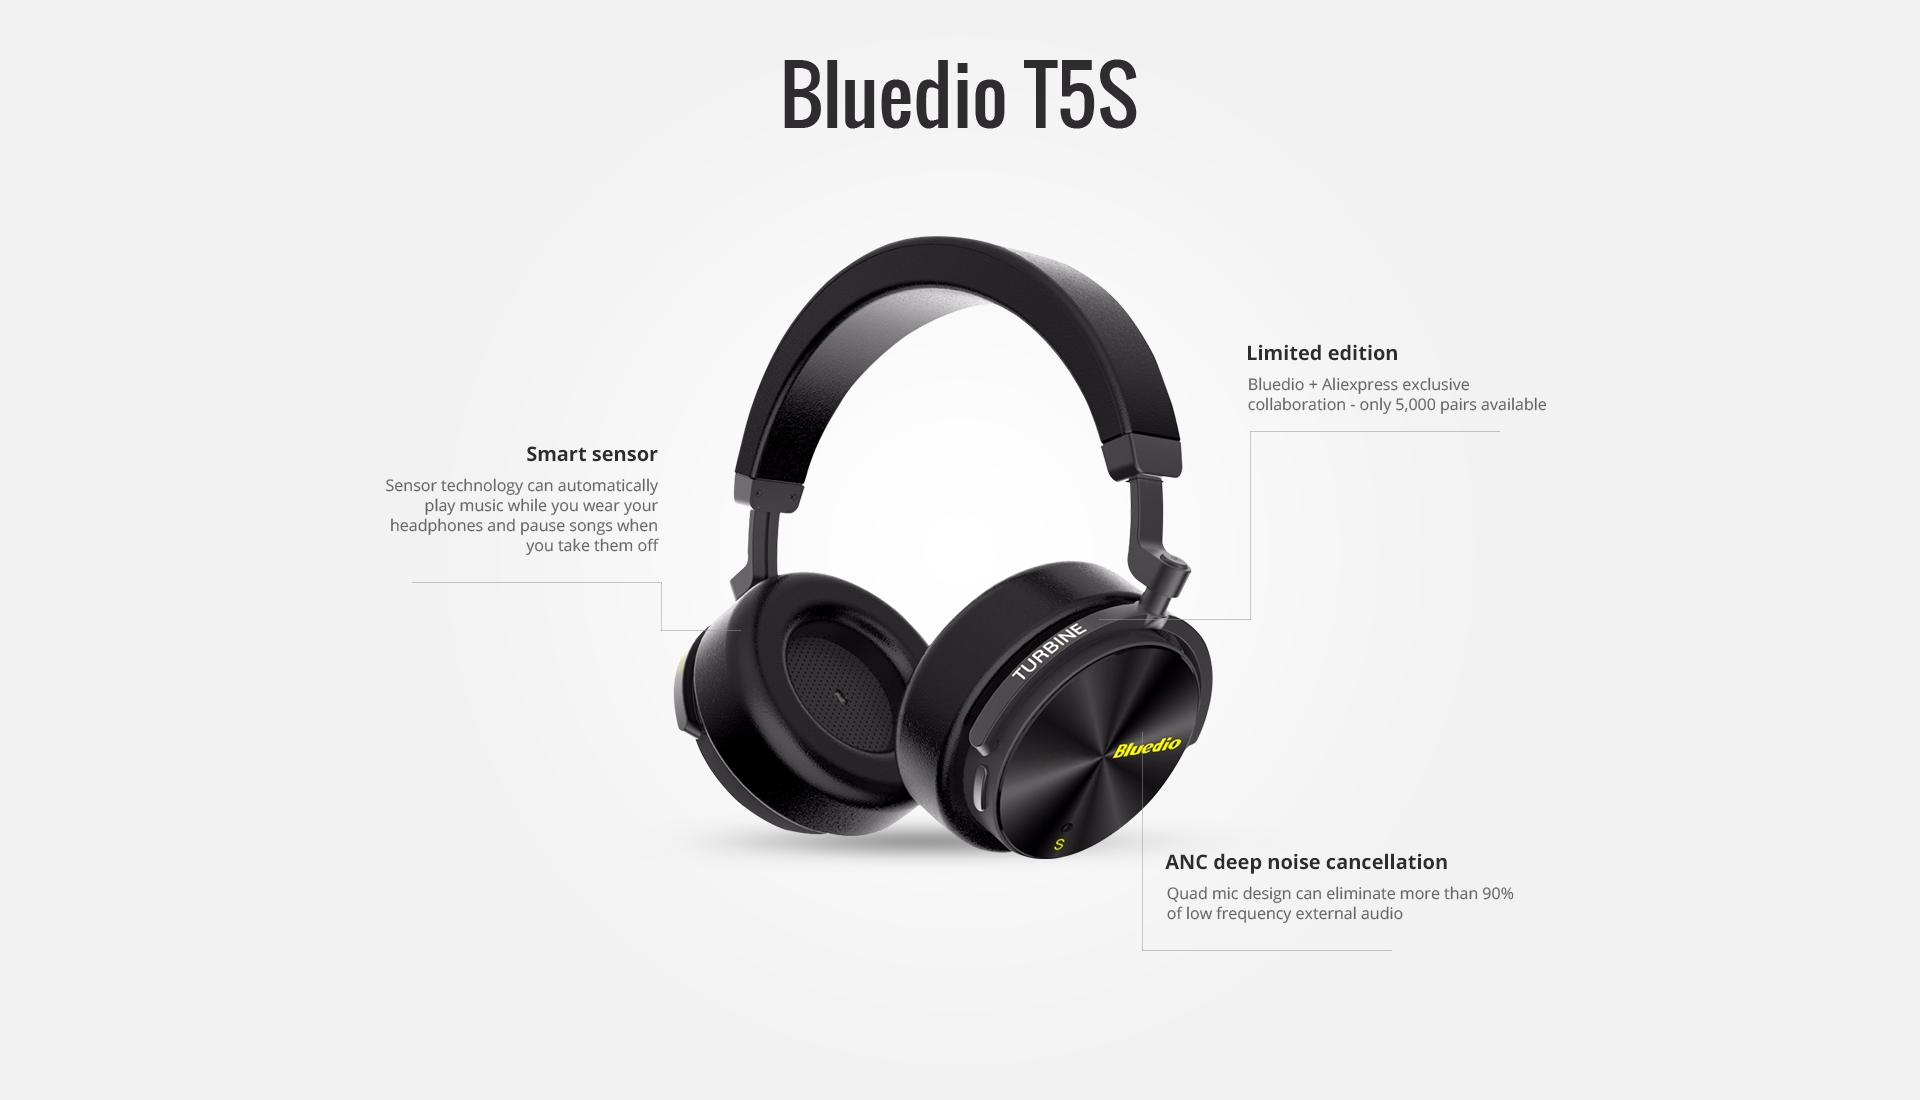 Bluedio Bluetooth Headset Driver Windows 7.epub 1a9a96cc2676416f8ea16c2cf7923089